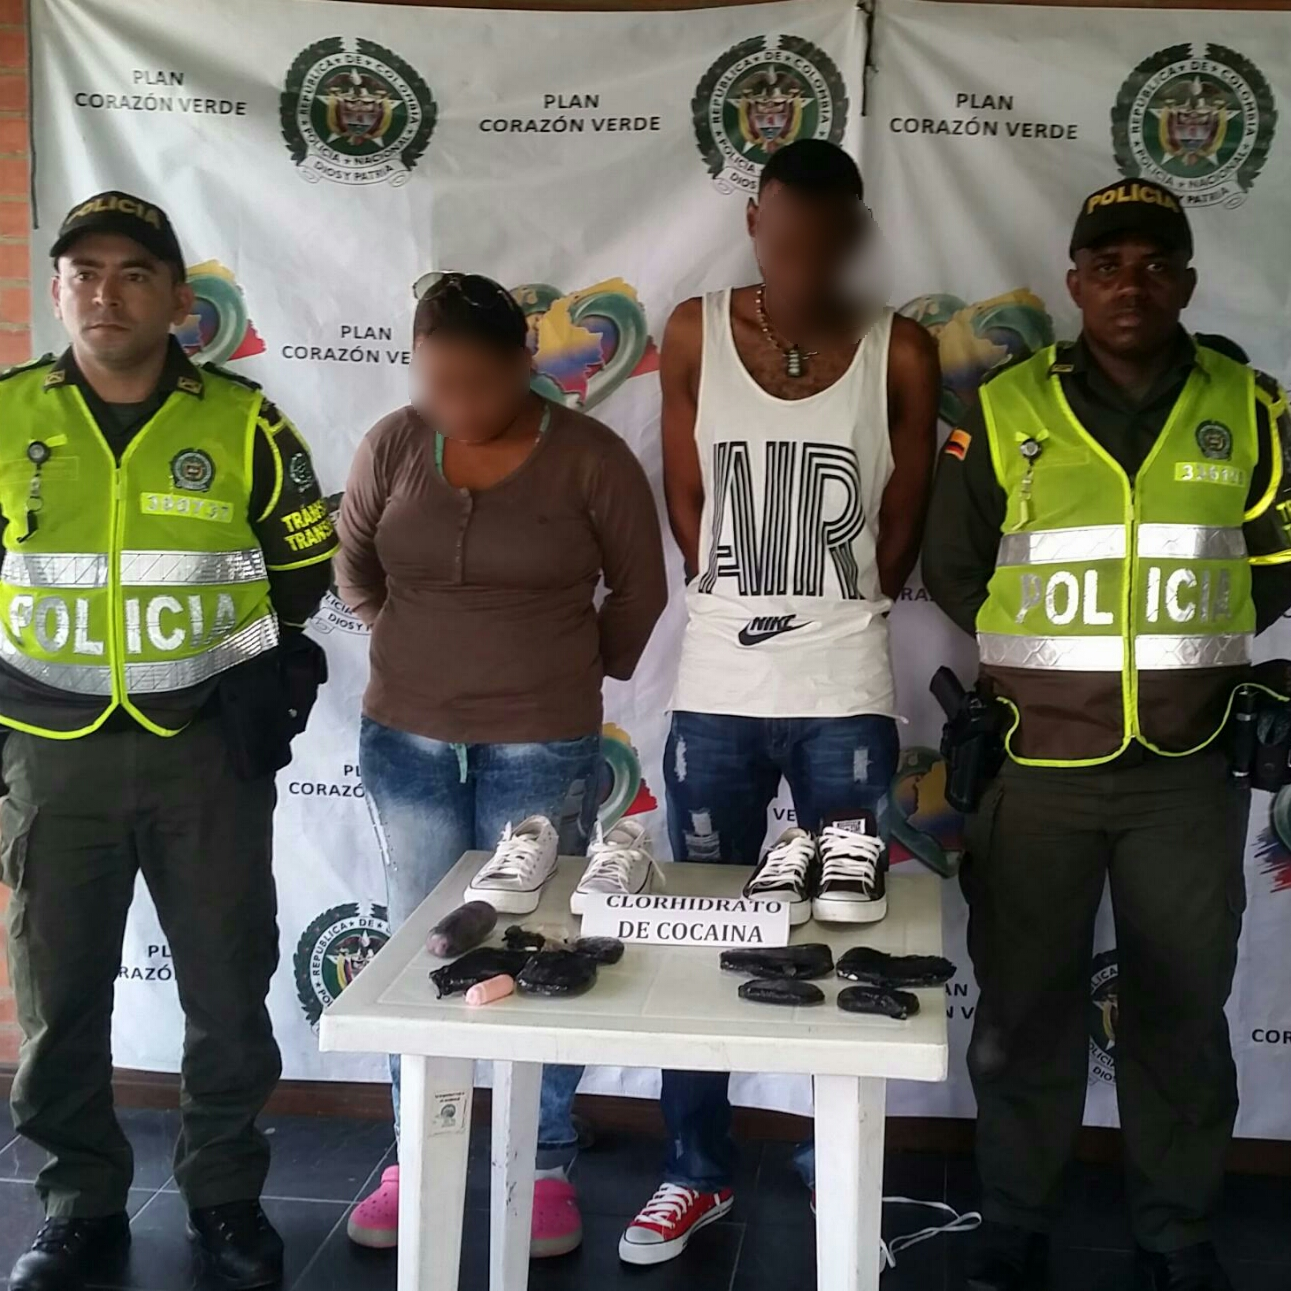 En plantillas de zapatos policía incauta clorhidrato de cocaína